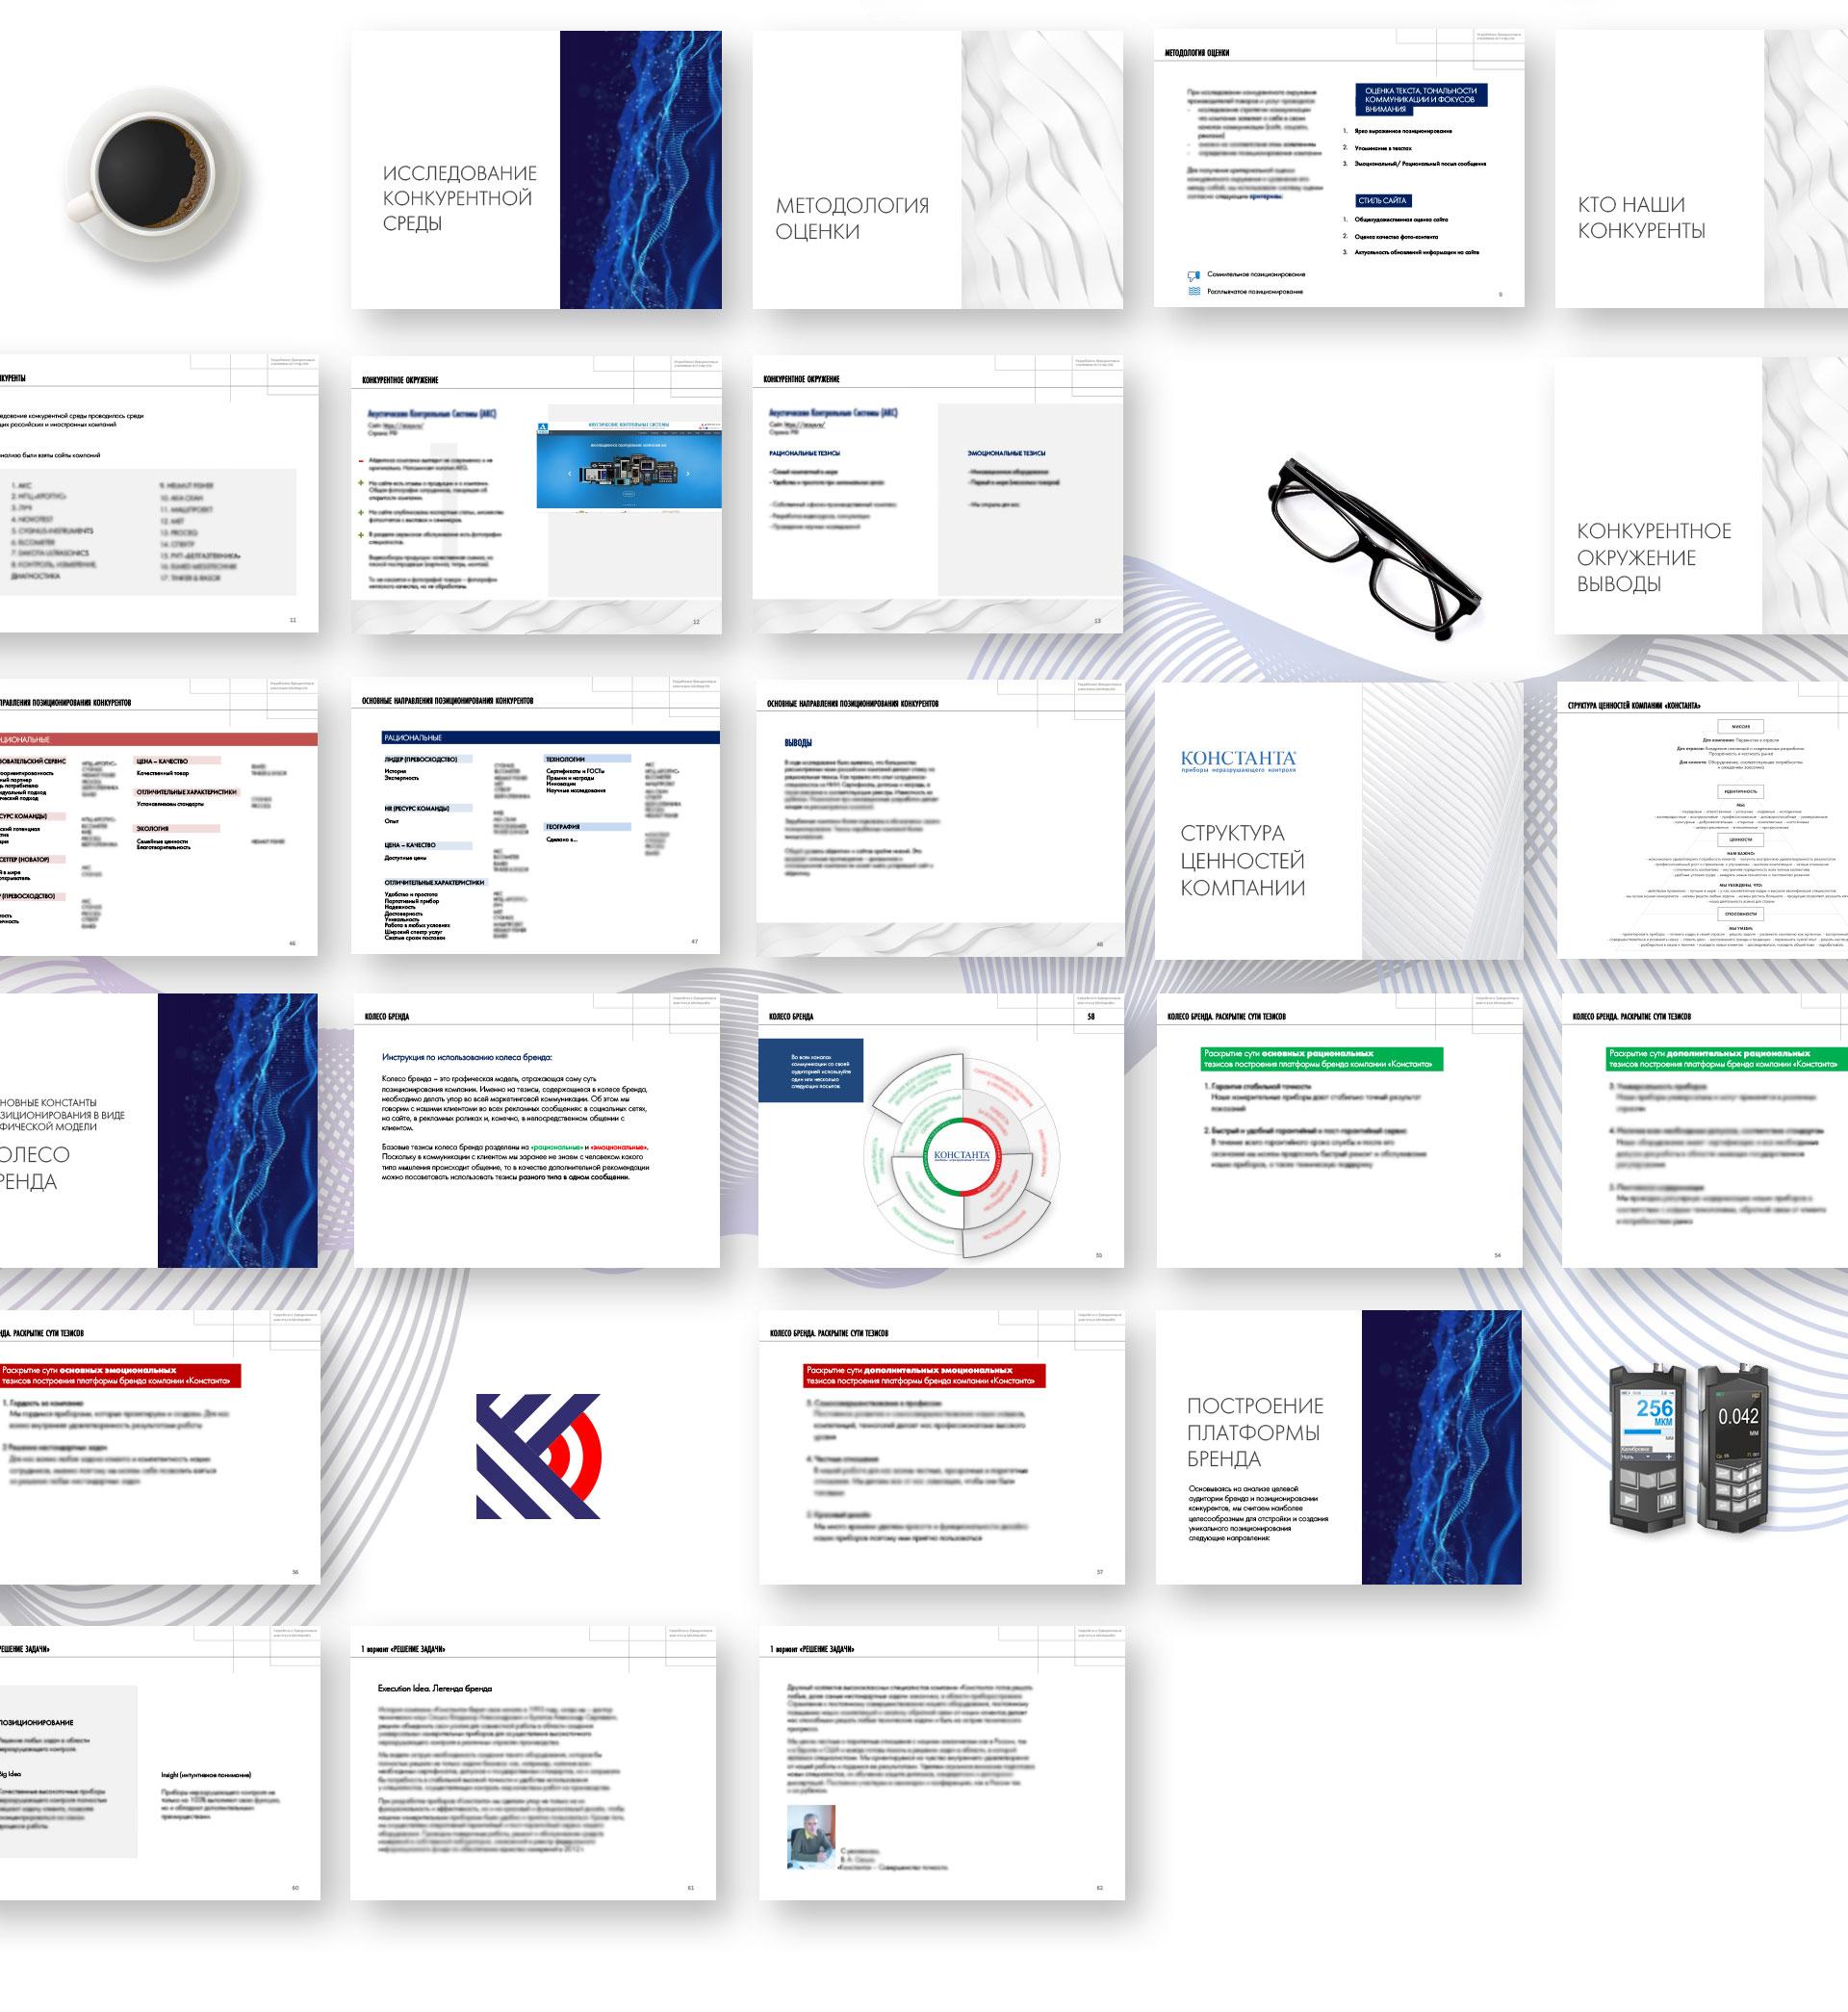 Платформа бренда и формирование позиционирования компании